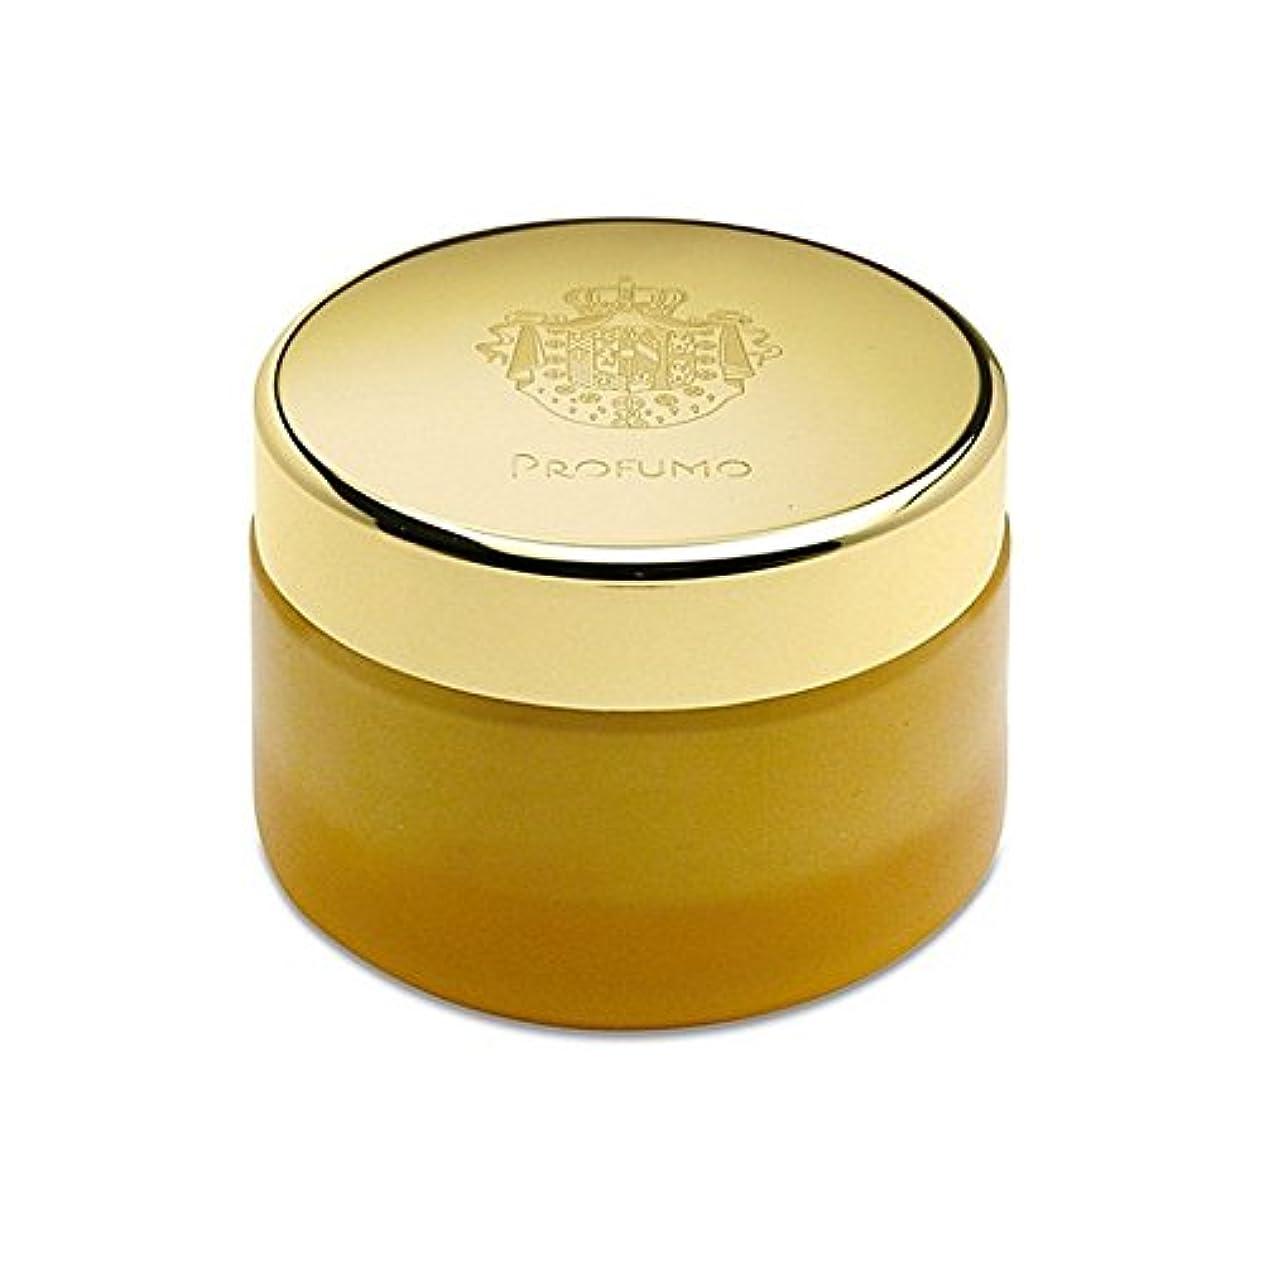 ピック縮約東方アクアディパルマボディクリーム200ミリリットル x2 - Acqua Di Parma Profumo Body Cream 200ml (Pack of 2) [並行輸入品]